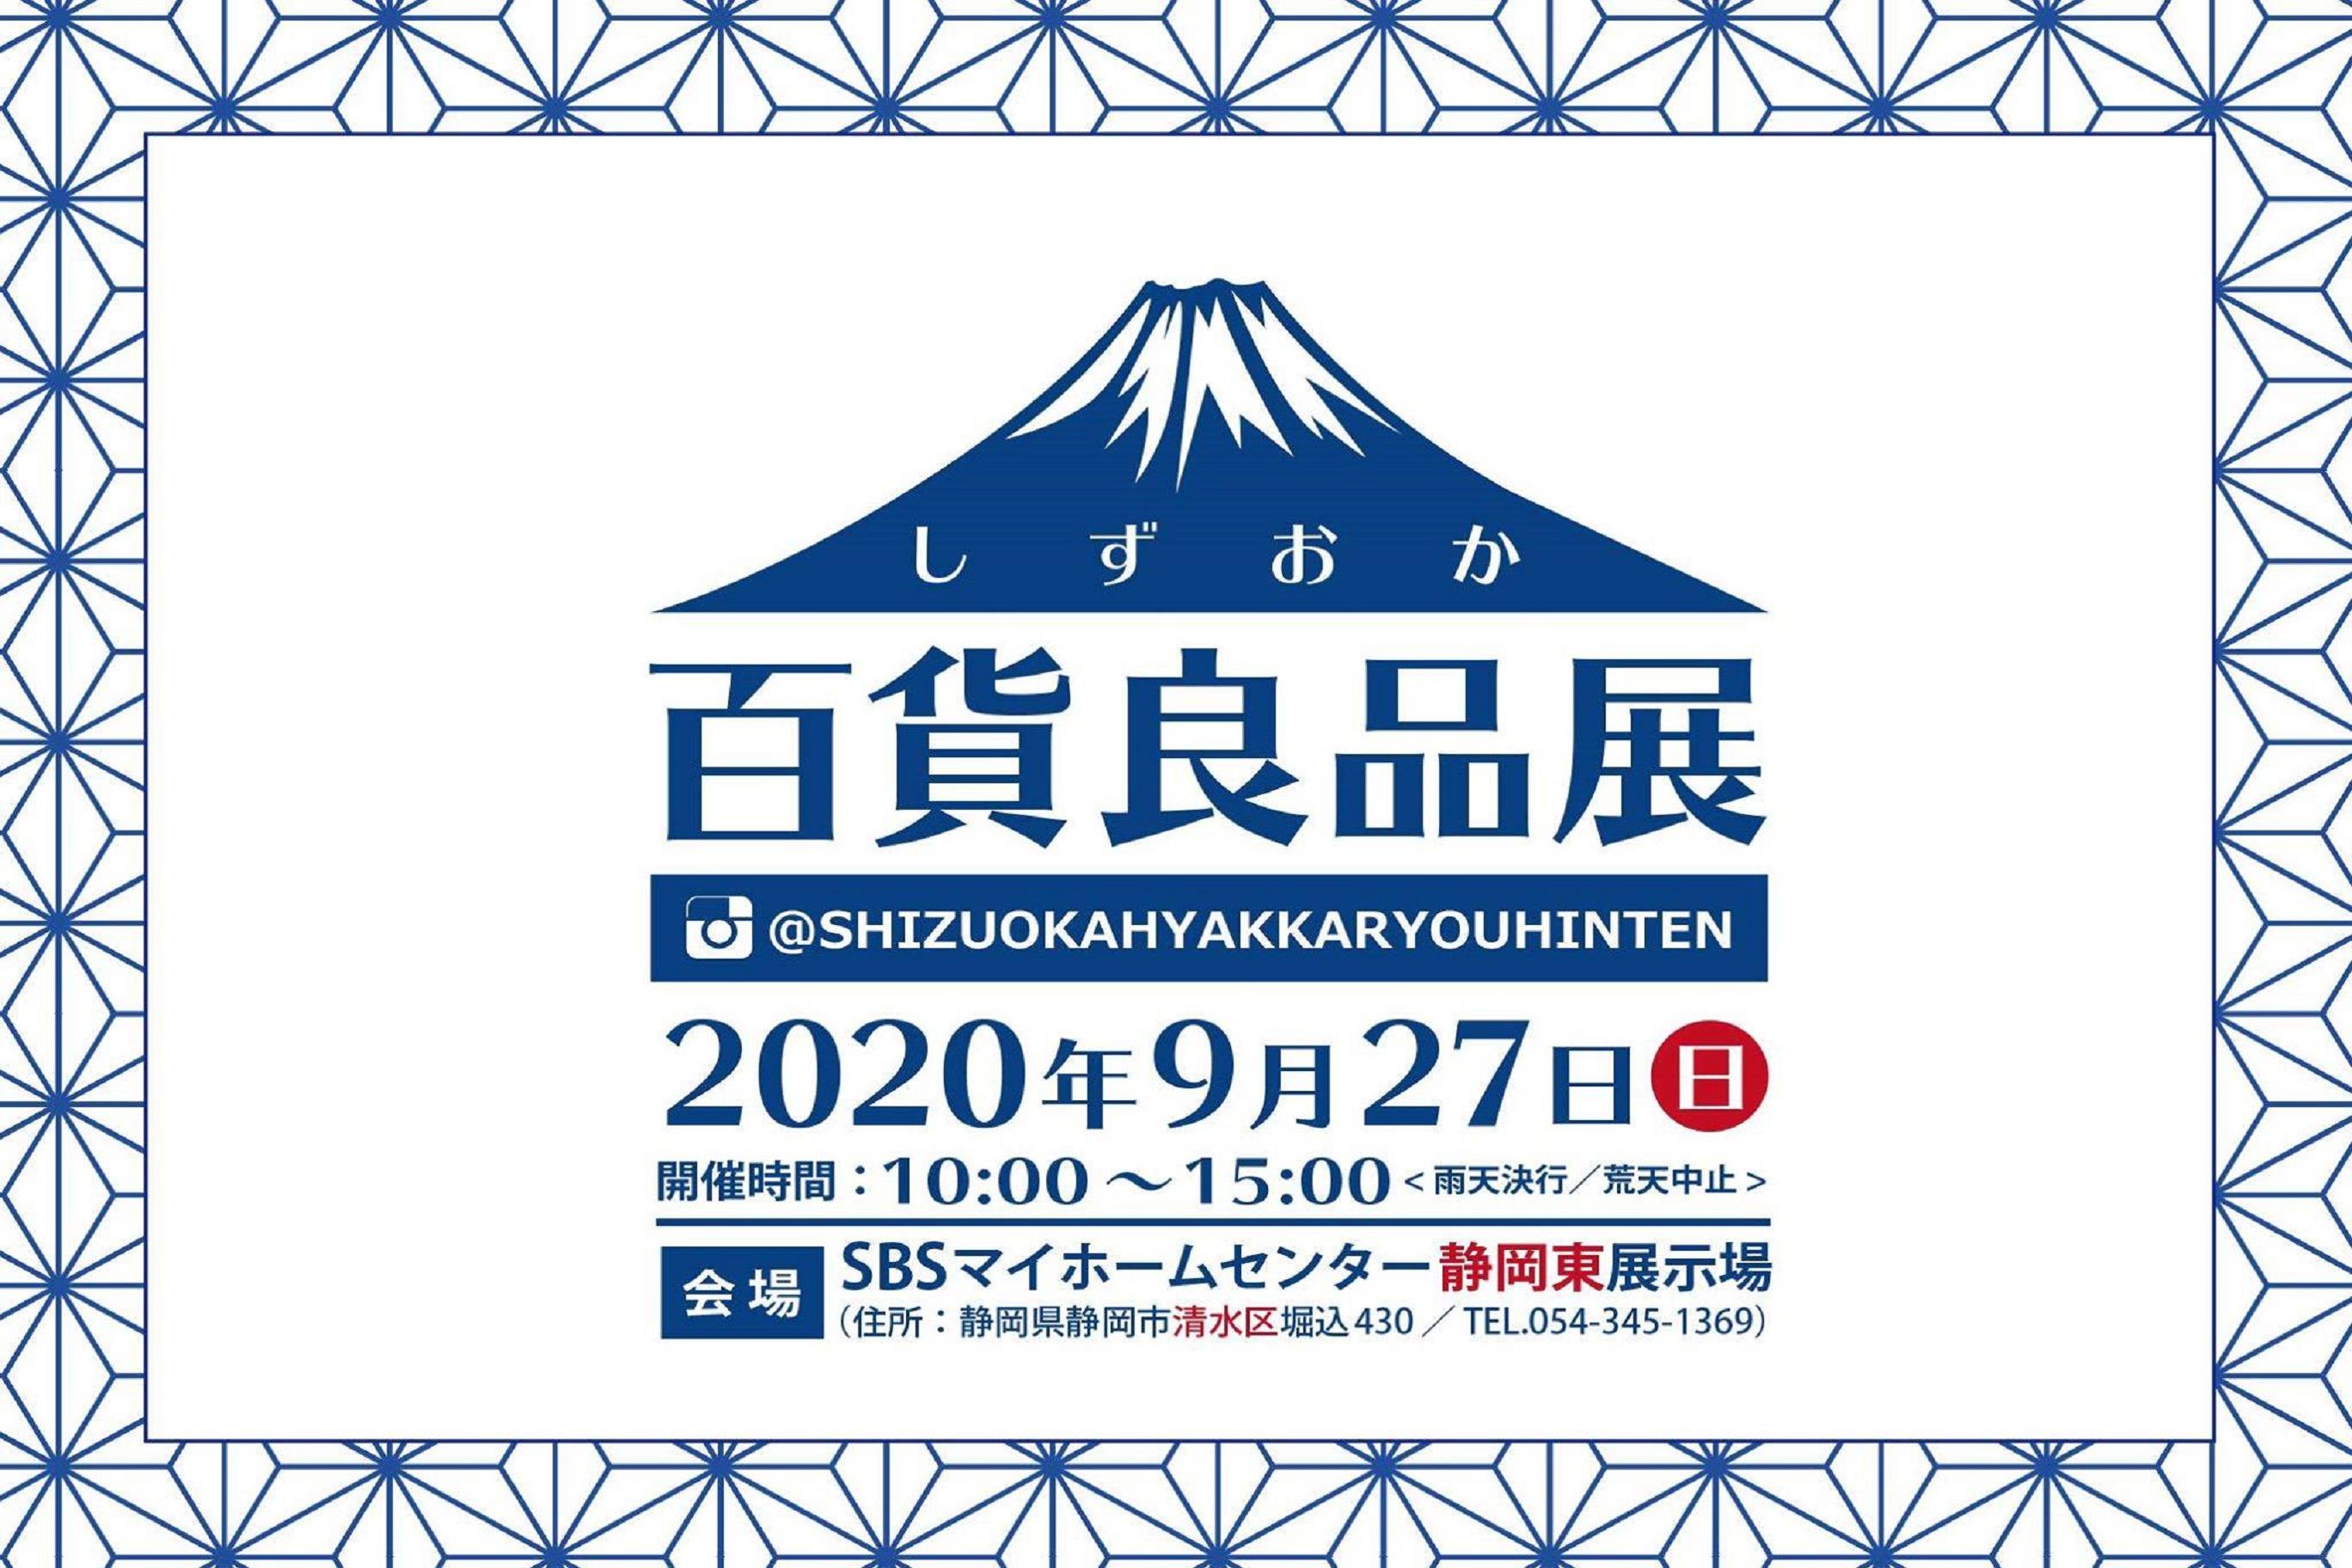 【お知らせ】2020年9月27日(日)『しずおか百貨良品展』に出店させていただきます!